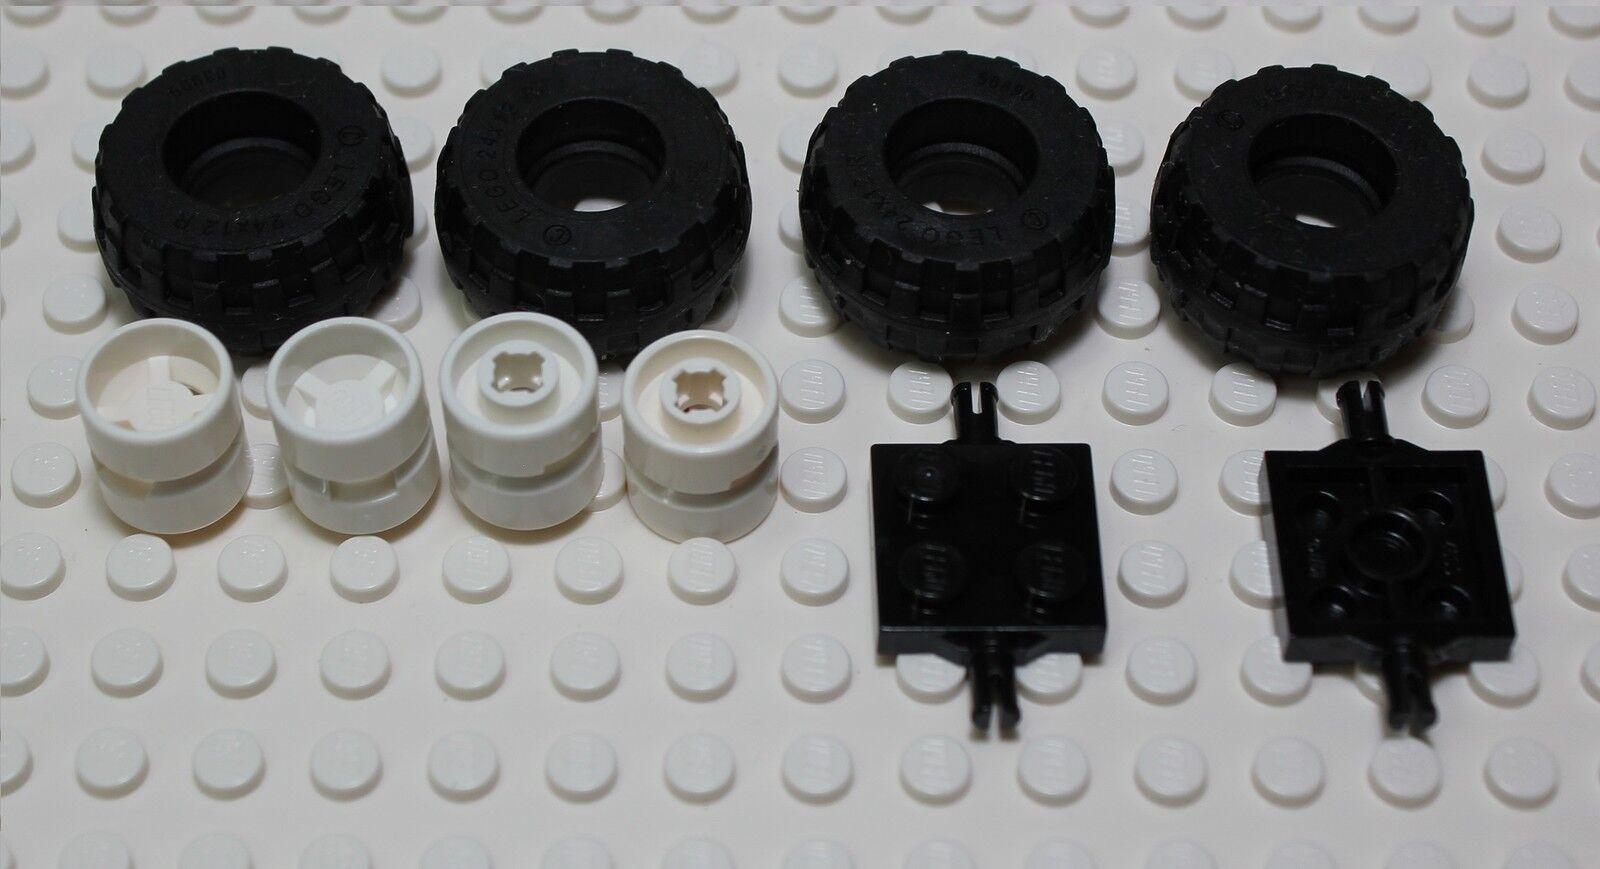 2 x Lego Grey RIM Ø 14.58 X 8-4590443 Parts /& Pieces